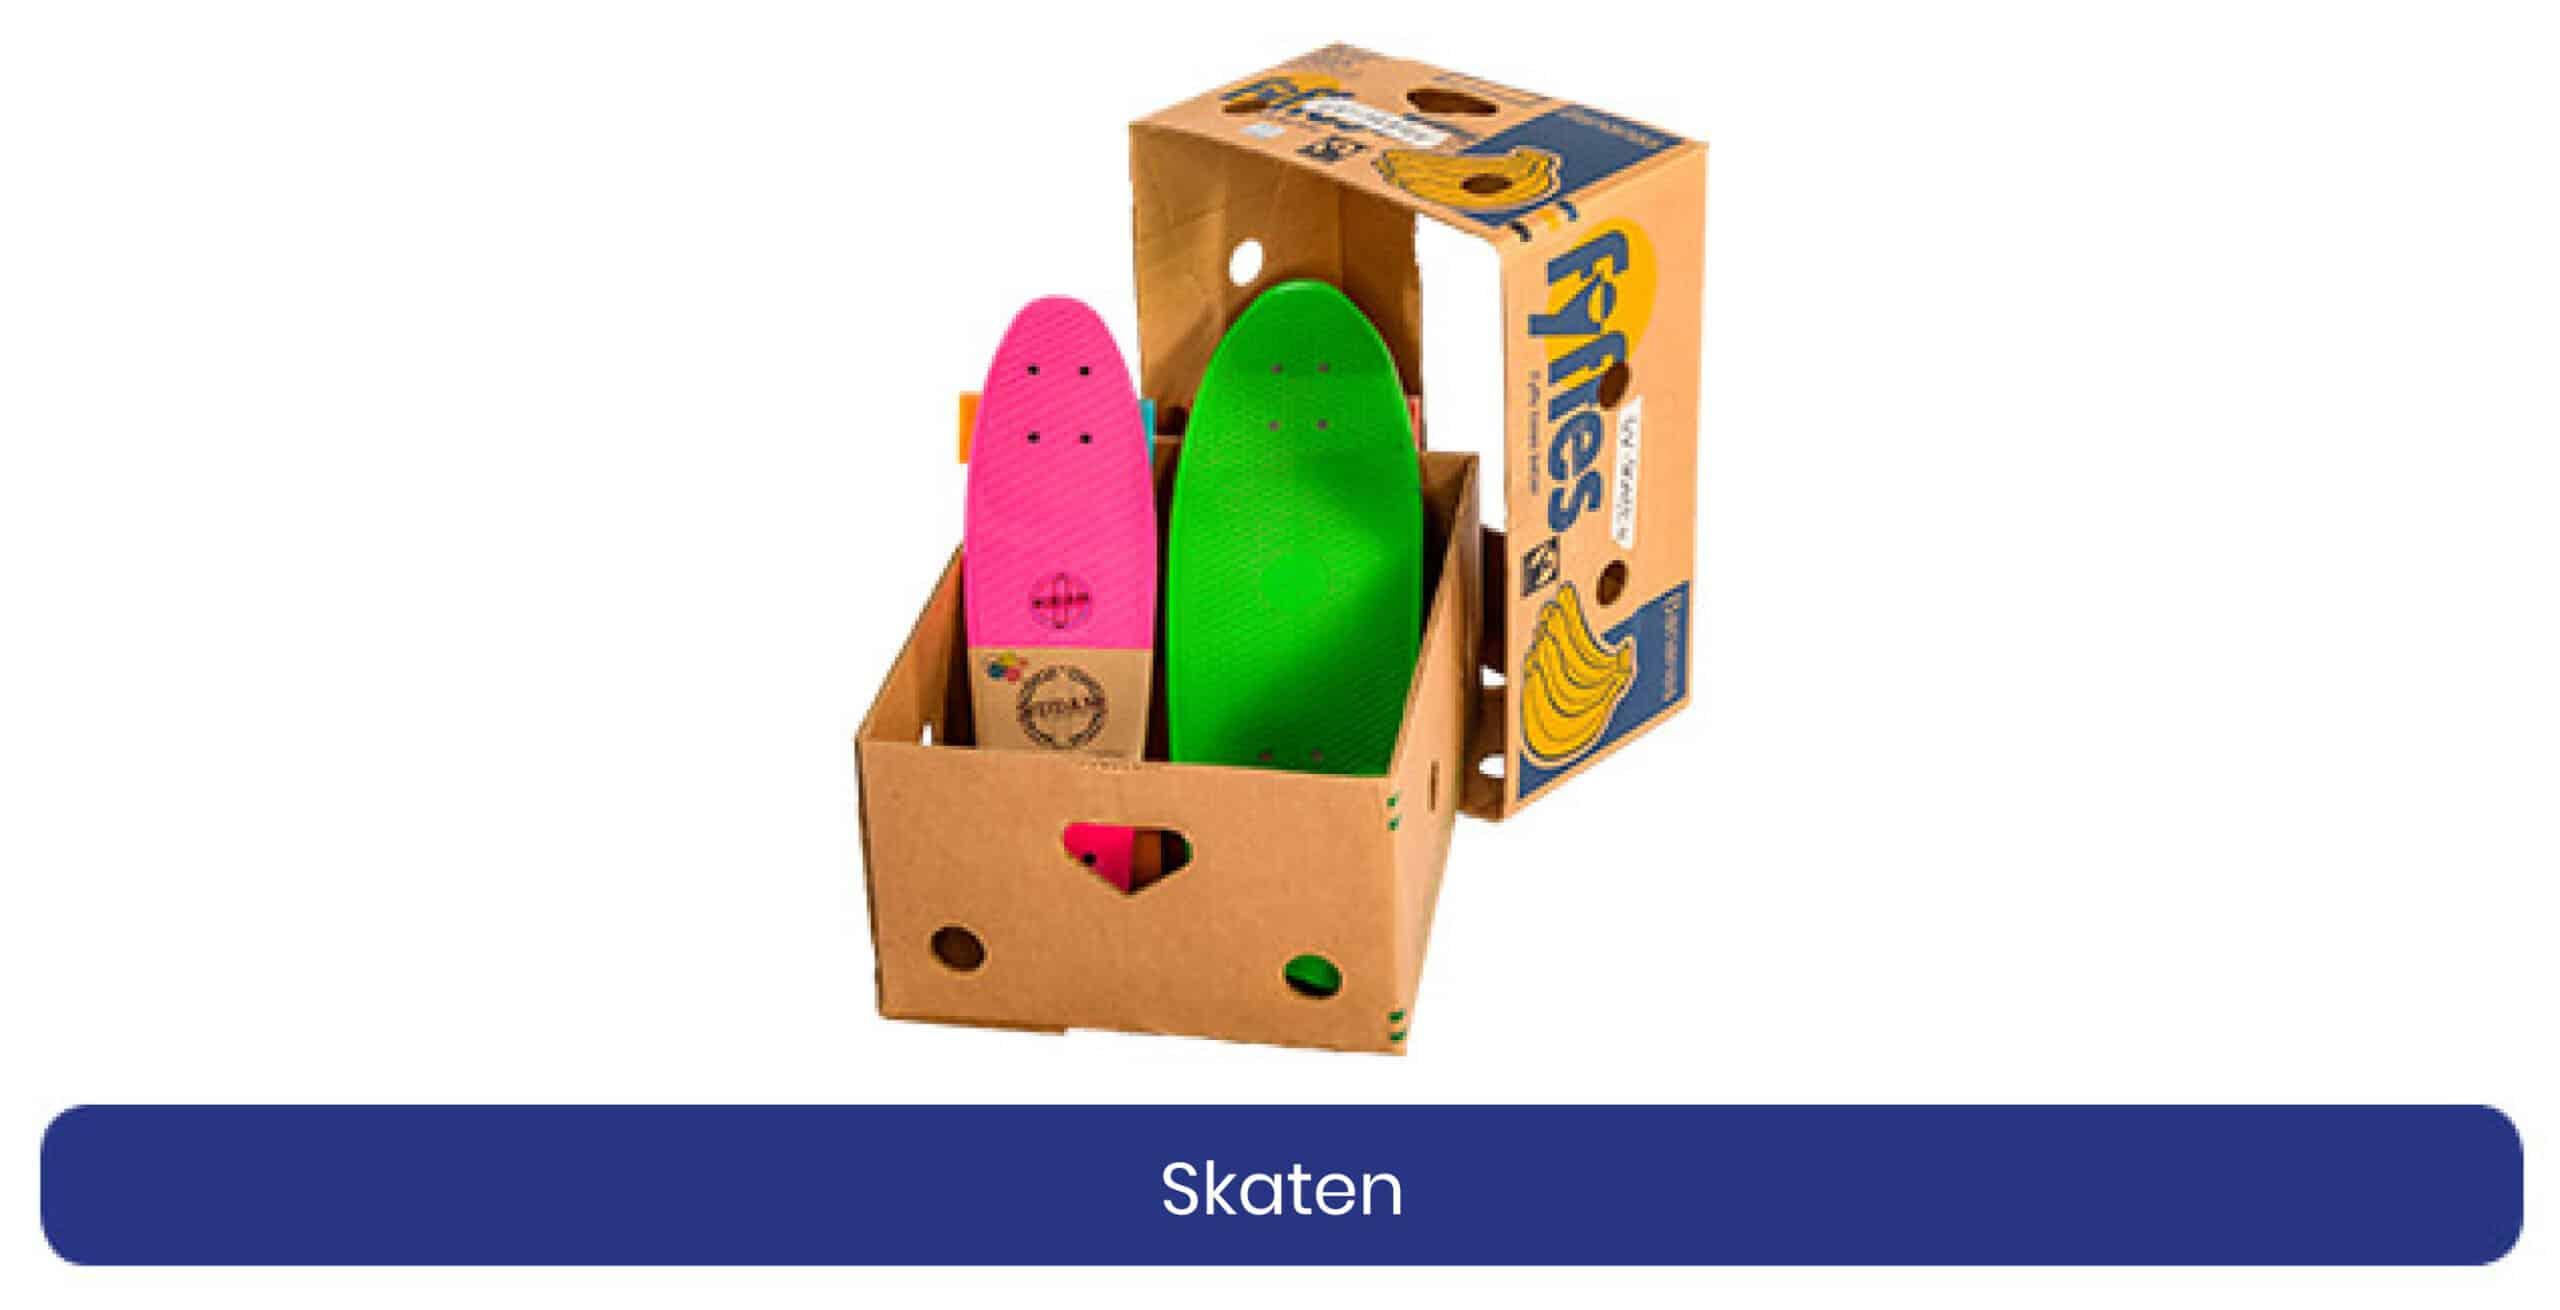 Skaten lenen product